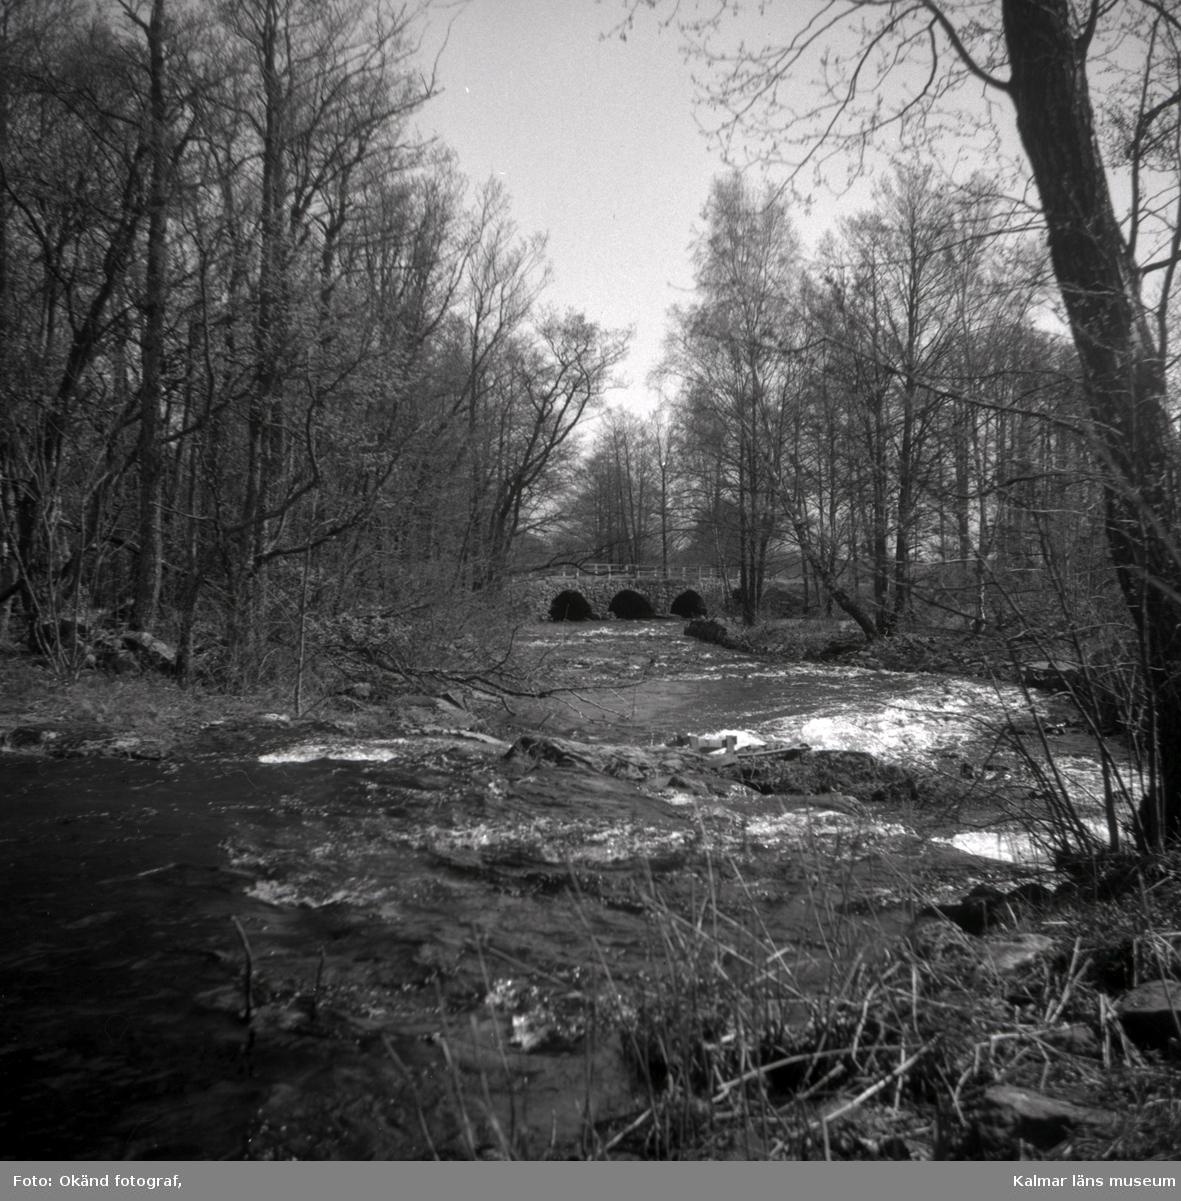 Landskap med å och valvbro i bakgrunden, okänd ort.